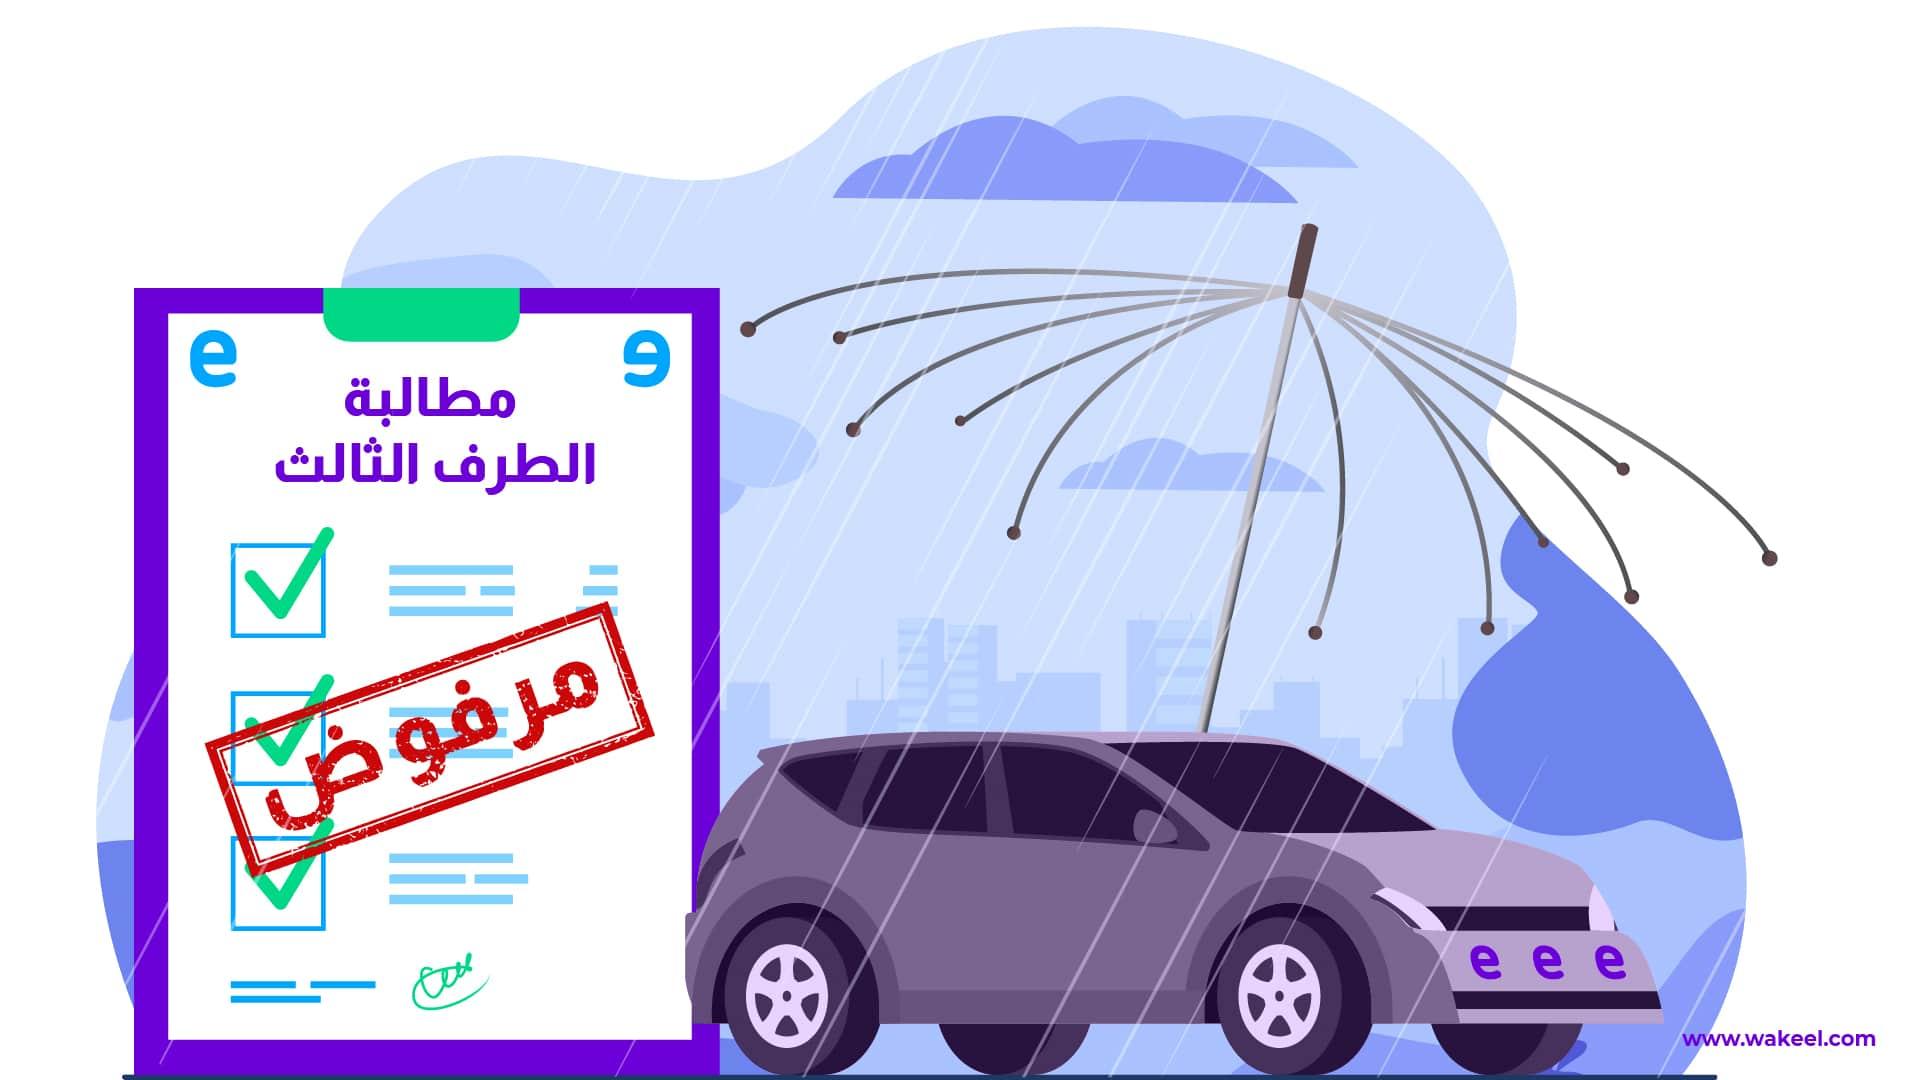 تعرف على استثناءات تأمين السيارات ضد الغير في السعودية